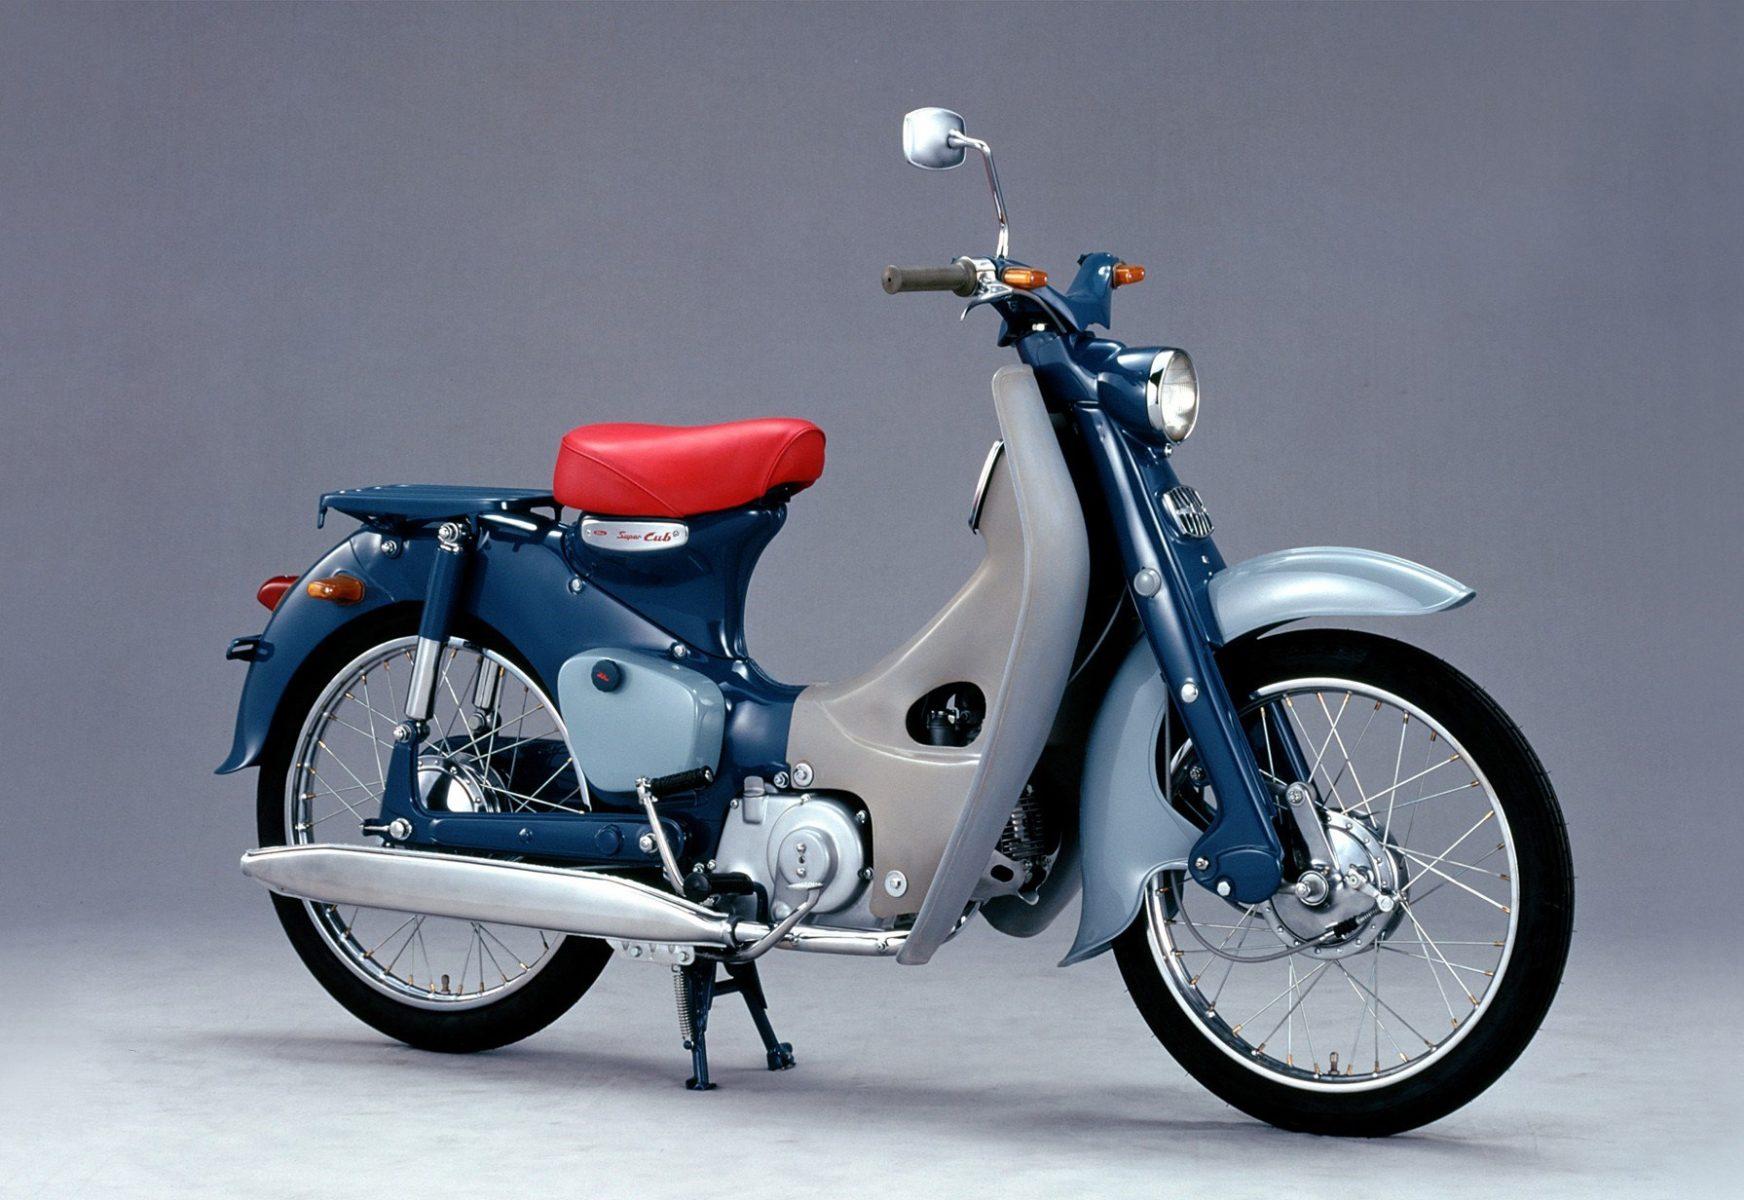 honda super cub 125 2022 11 modelo pioneiro c 100 de 1958